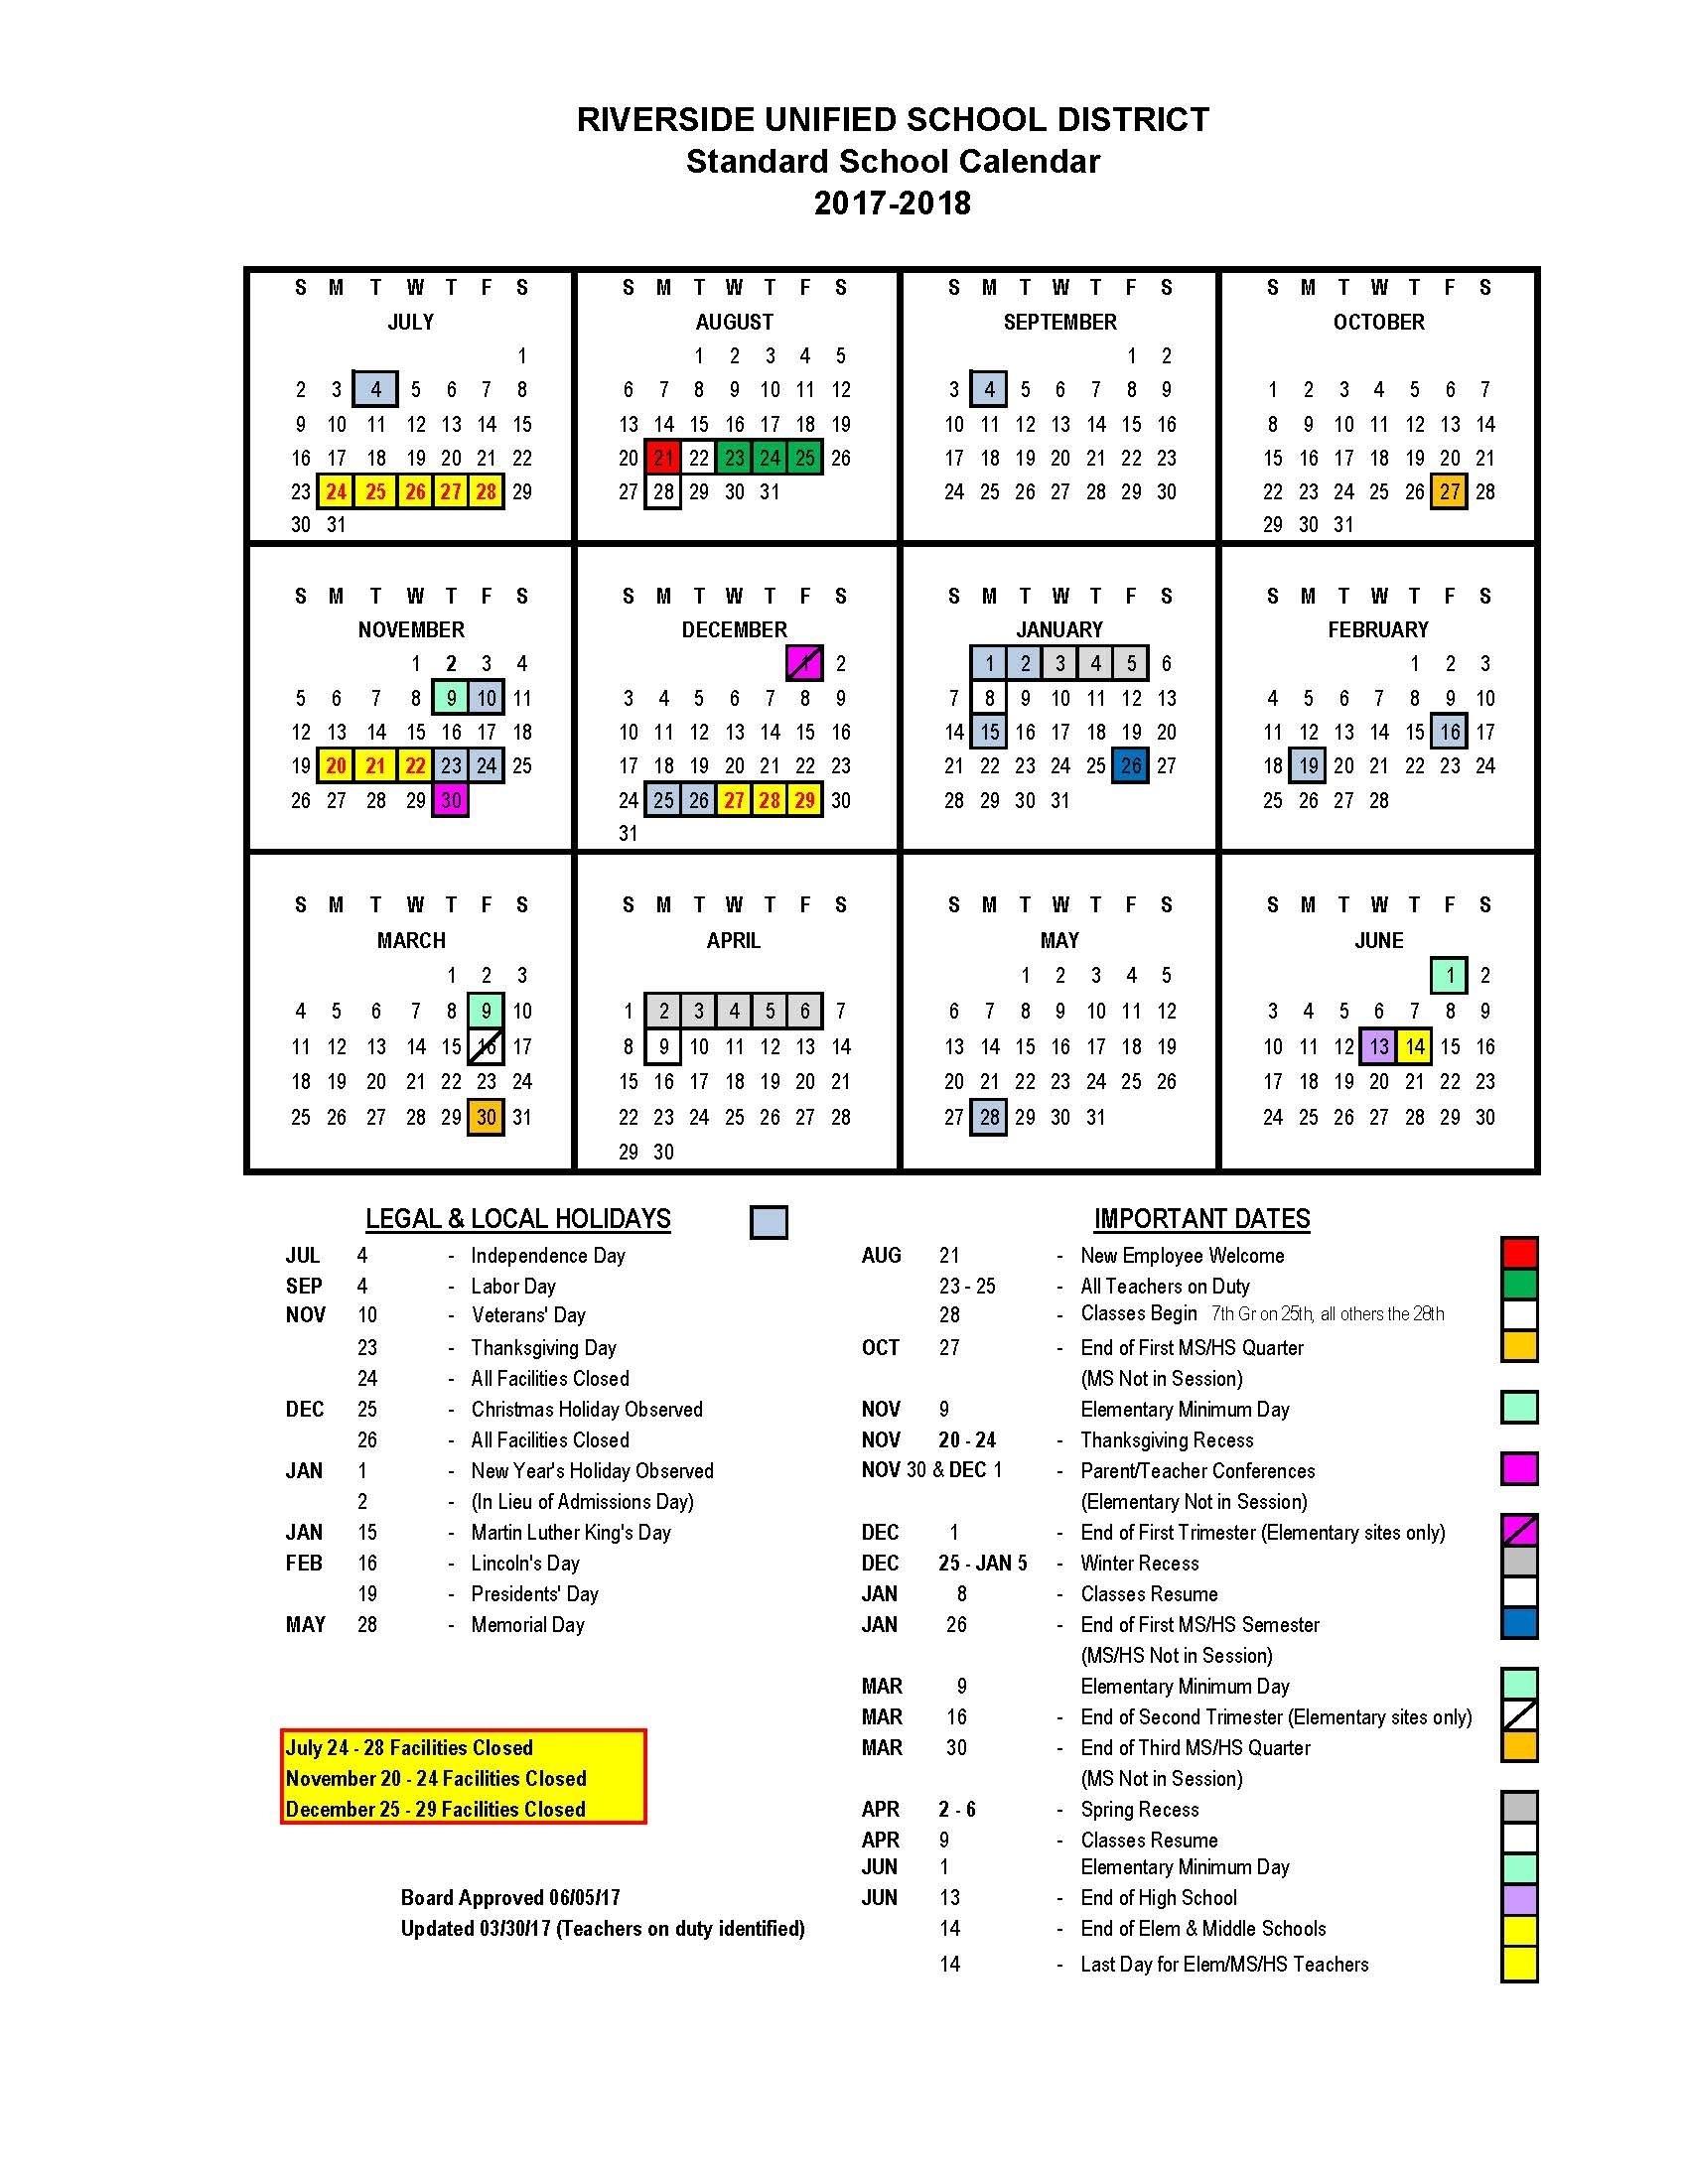 Uc Berkeley Academic Calendar 2018-19 Download For Totally Free with Uc Berkeley Academic Calendar 2019-2020